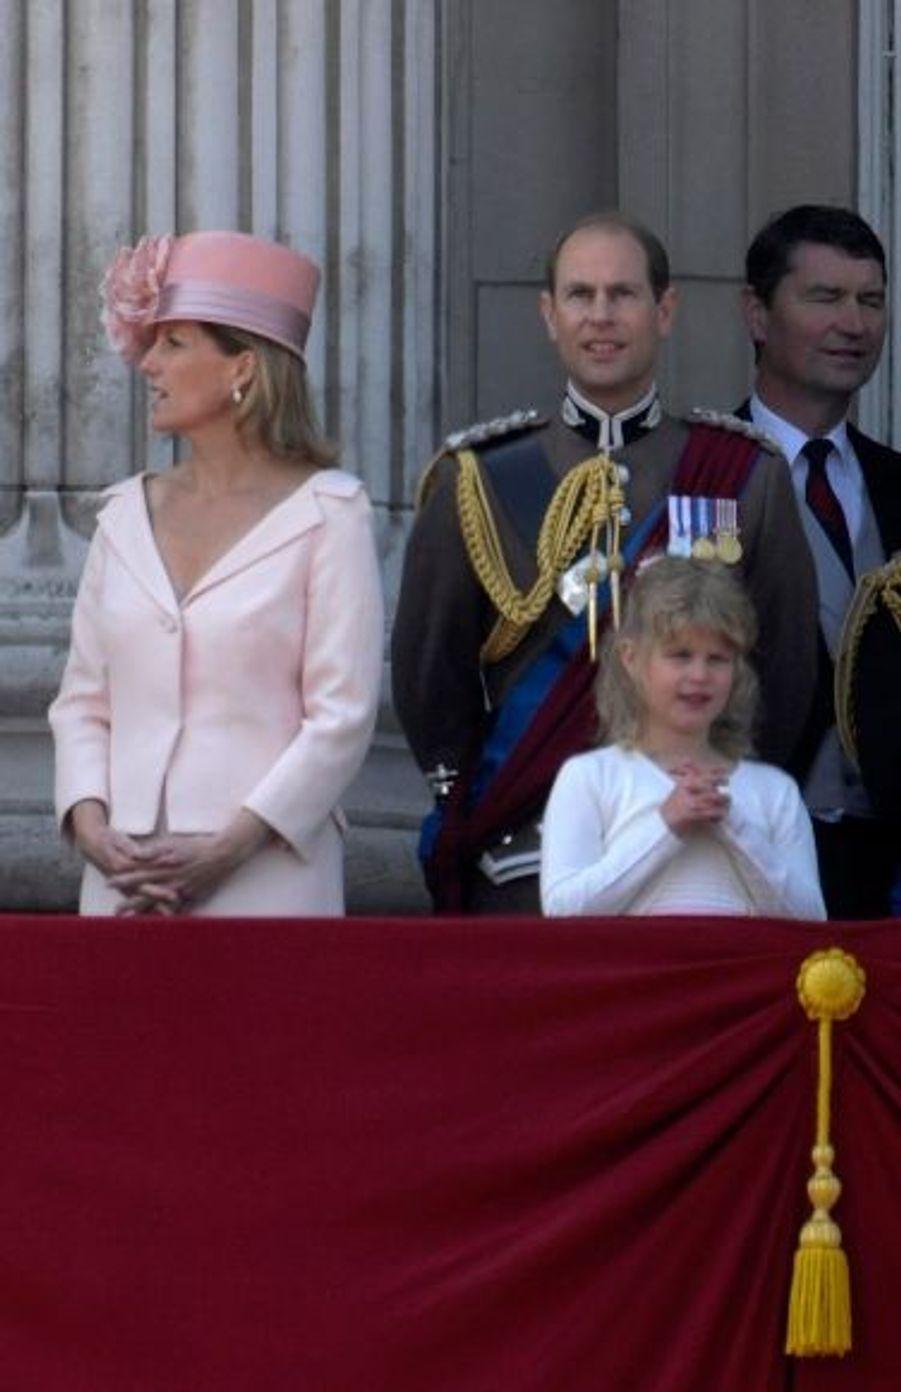 Derrière la petite famille des Wessex, se trouve le Vice-amiral Timothy Laurence, le second mari de la princesse Anne.